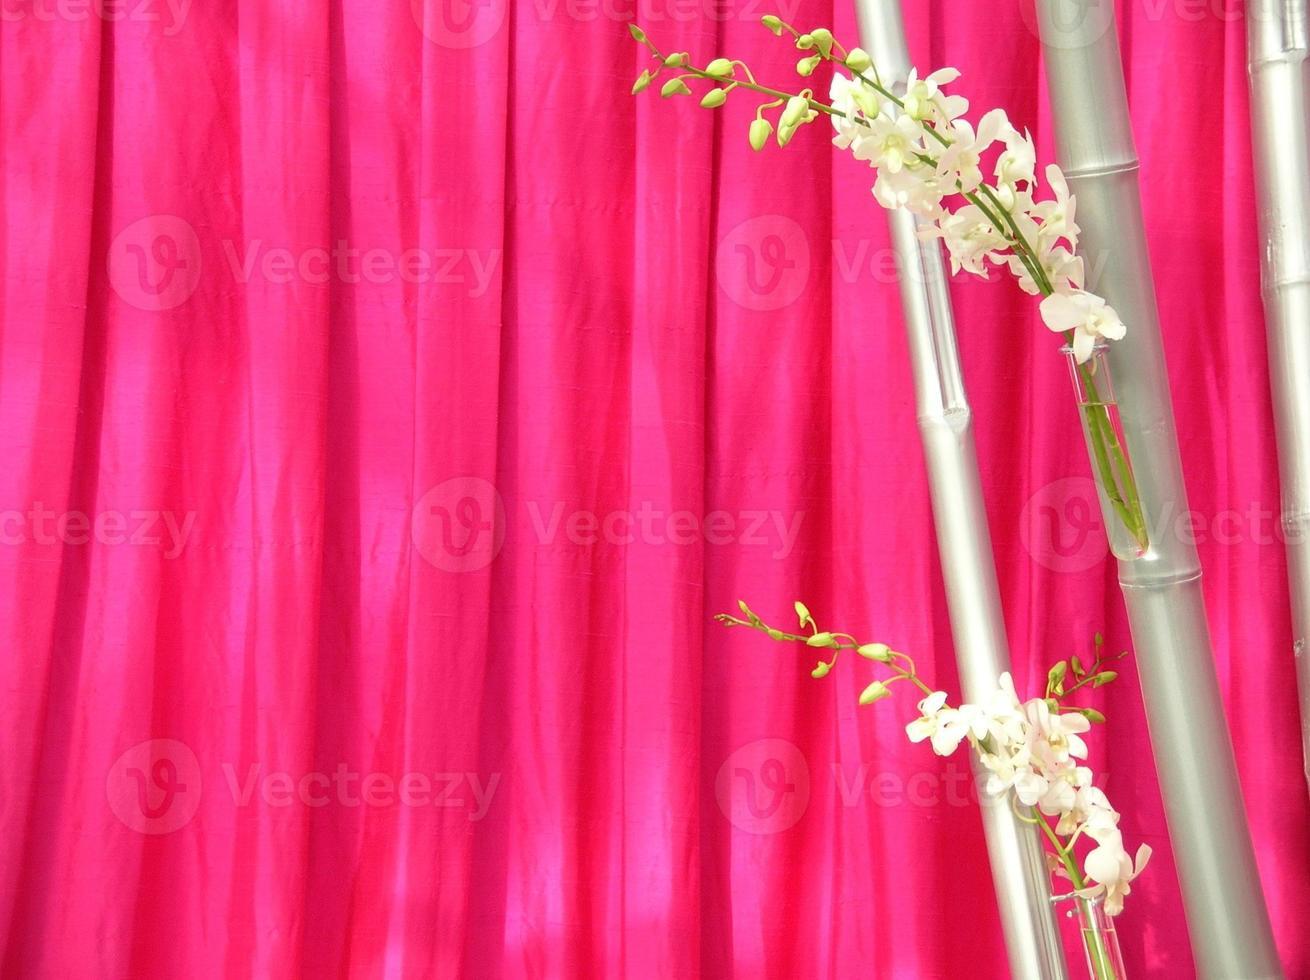 orchidées en face de soie thaï rose photo